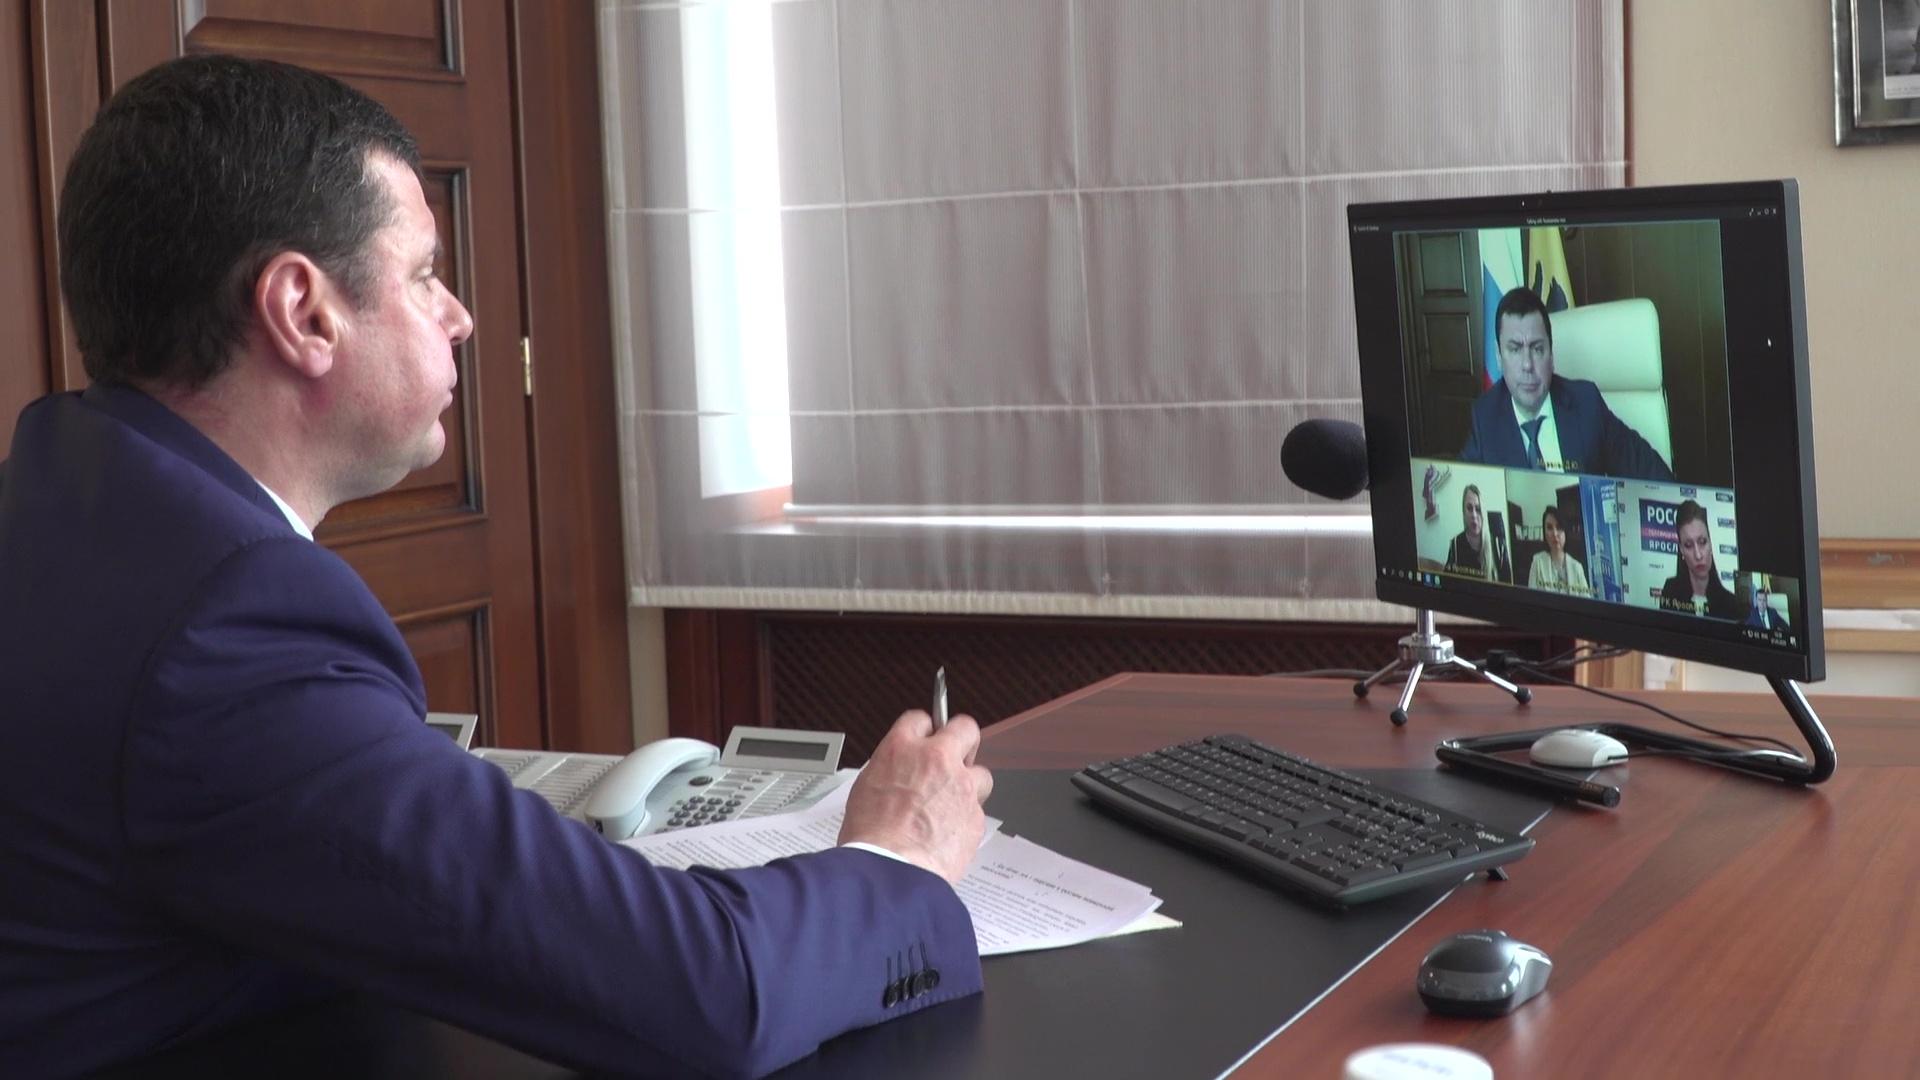 Дмитрий Миронов встретился с главными редакторами телеканалов Ярославской области в режиме онлайн